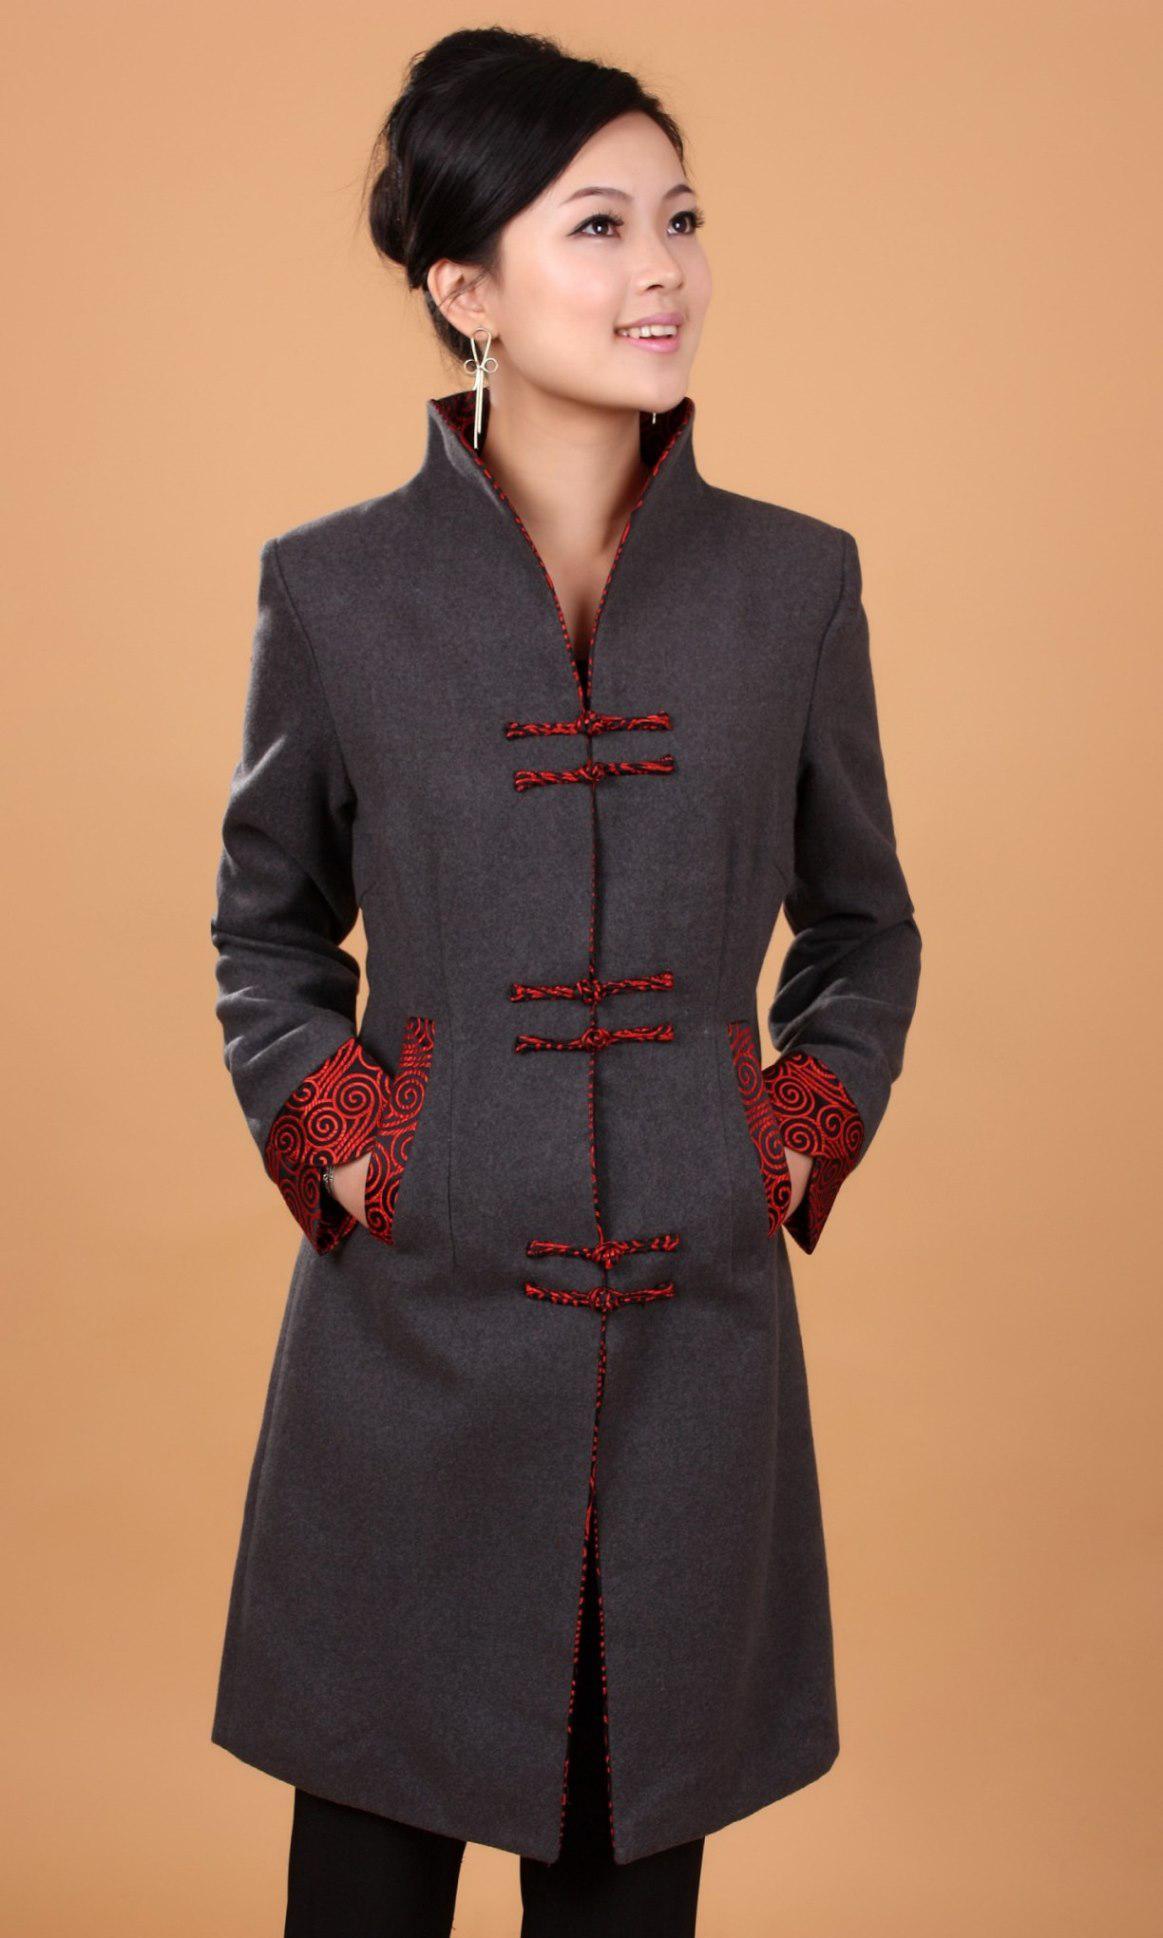 Женская Верхняя Одежда Китай С Доставкой